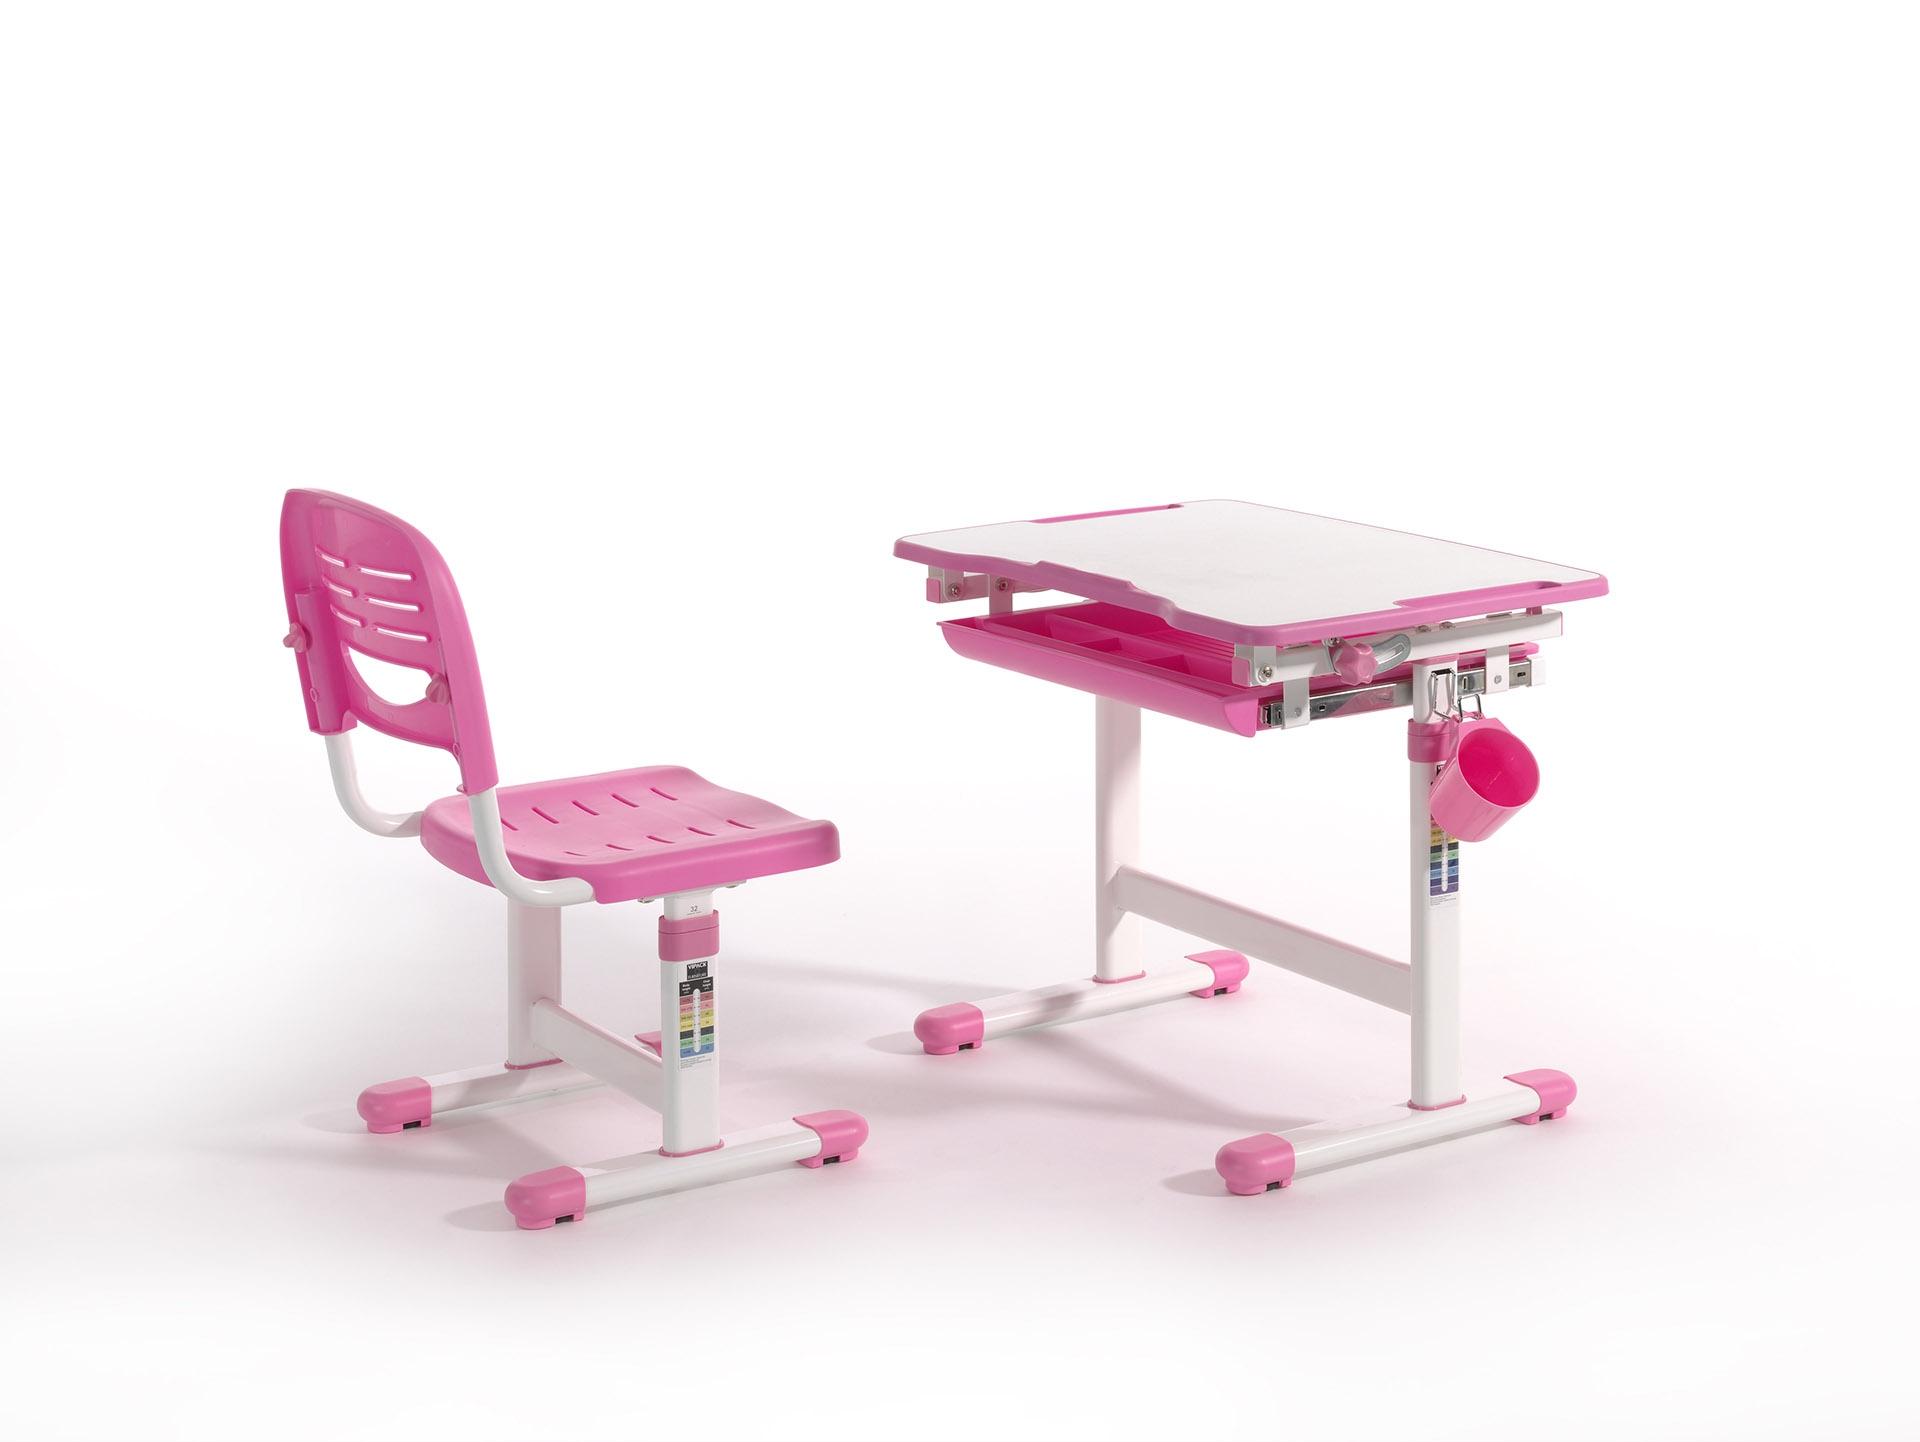 Set birou pentru copii, reglabil pe inaltime Comfortline Roz, L66,4xl47,4xH54 cm imagine